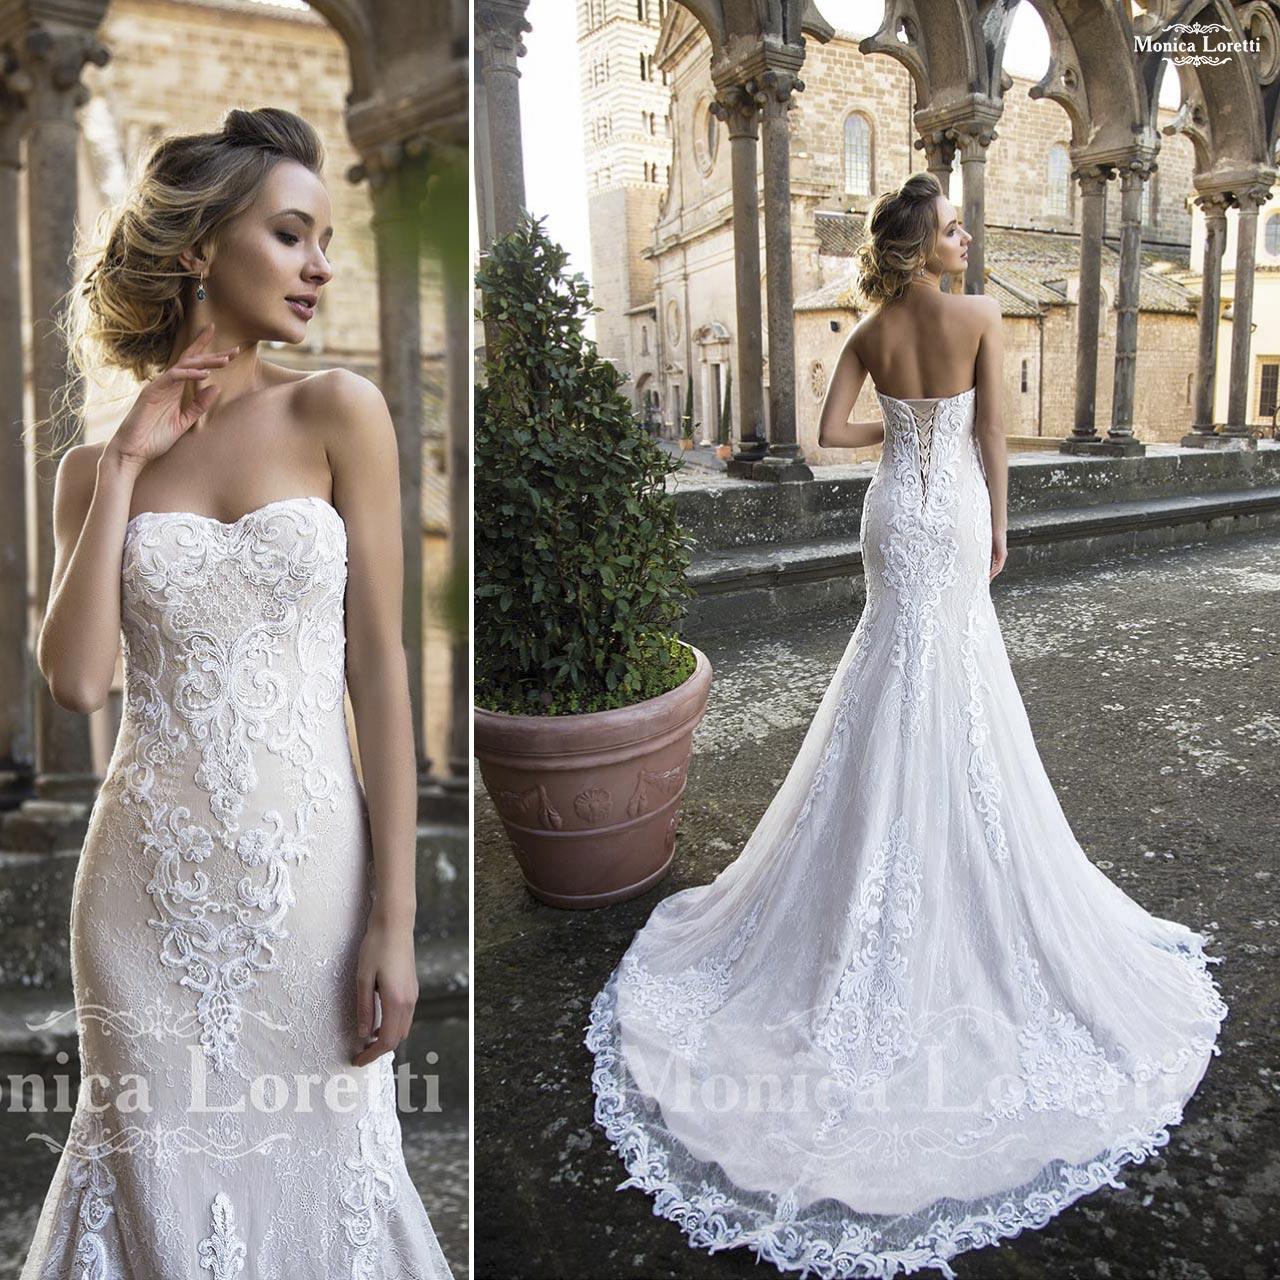 ... bianco articolo Naila Monica Loretti Abito da sposa lungo in pizzo  molto lavorato articolo Narela Monica Loretti ... dd8aa8ff97c